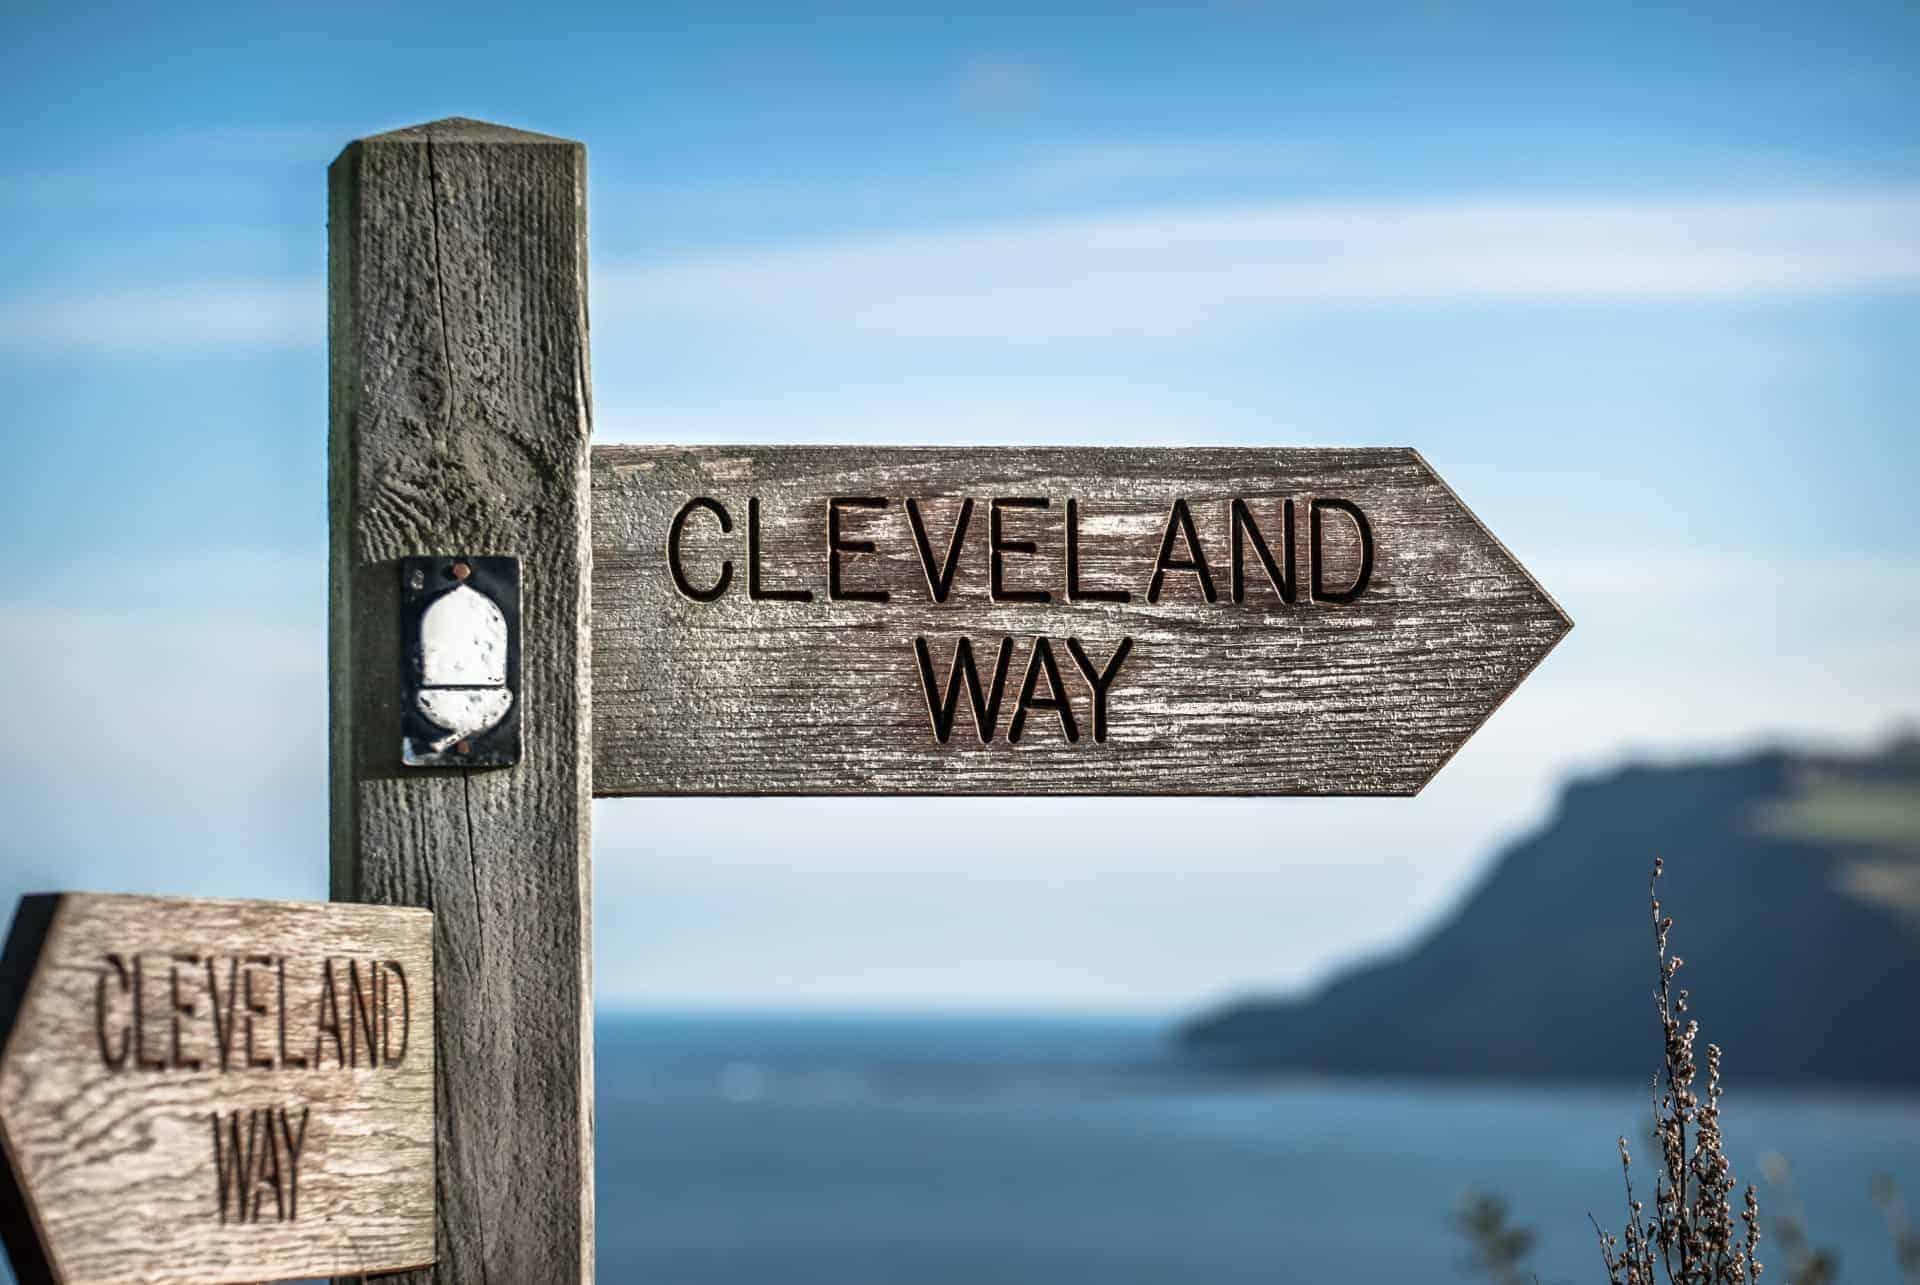 Cleveland Way UK